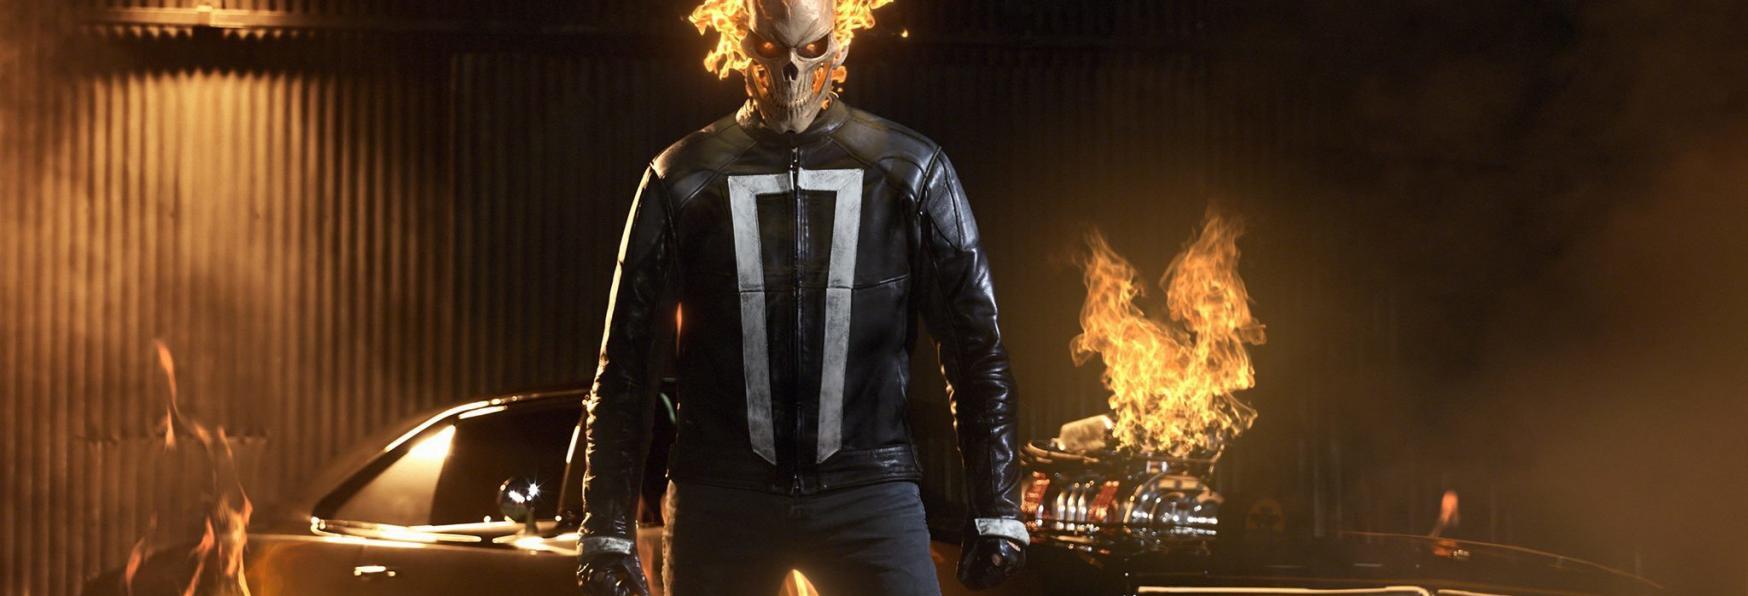 Ghost Rider: Fan Sconvolti dopo l'annuncio di Hulu della Cancellazione della Serie TV